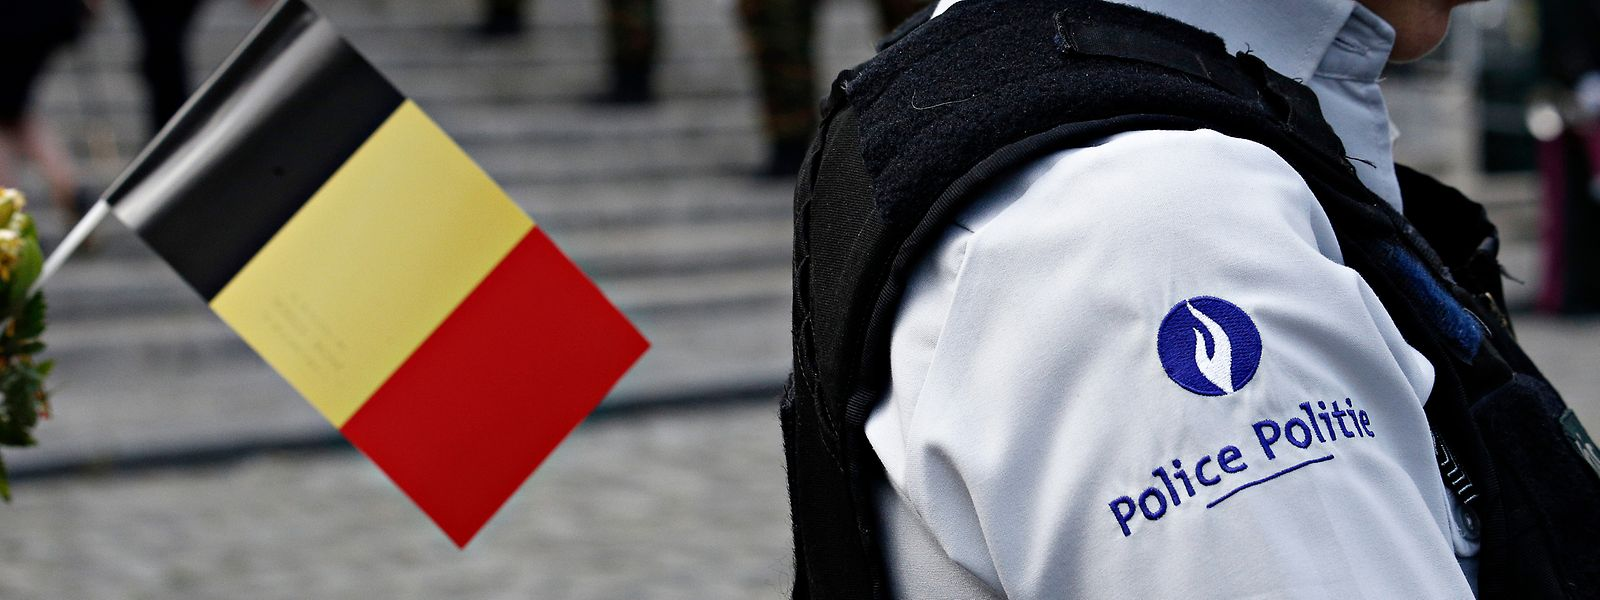 Police Belge Belgique